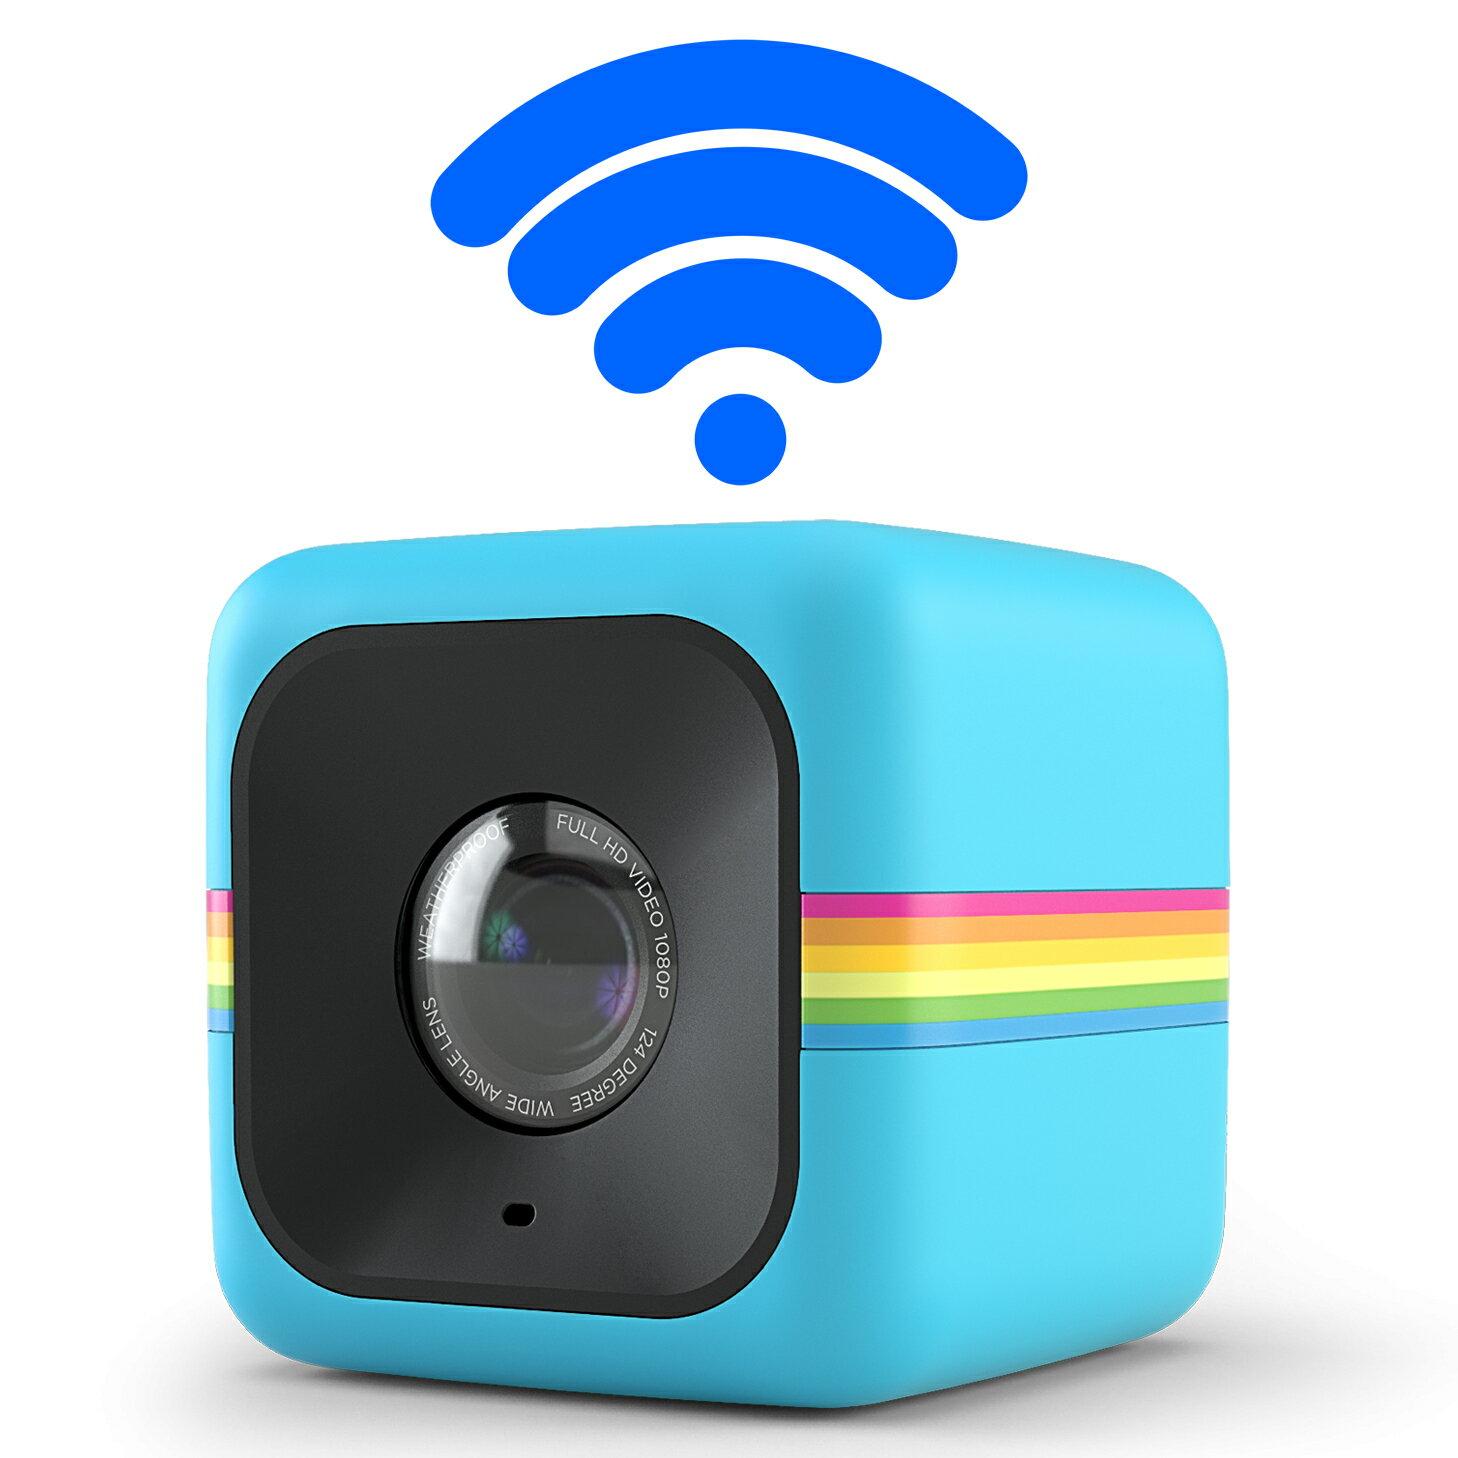 【和信嘉】Polaroid Cube+ 骰子相機(藍色) WIFI 迷你行動攝影機 公司貨 原廠保固一年